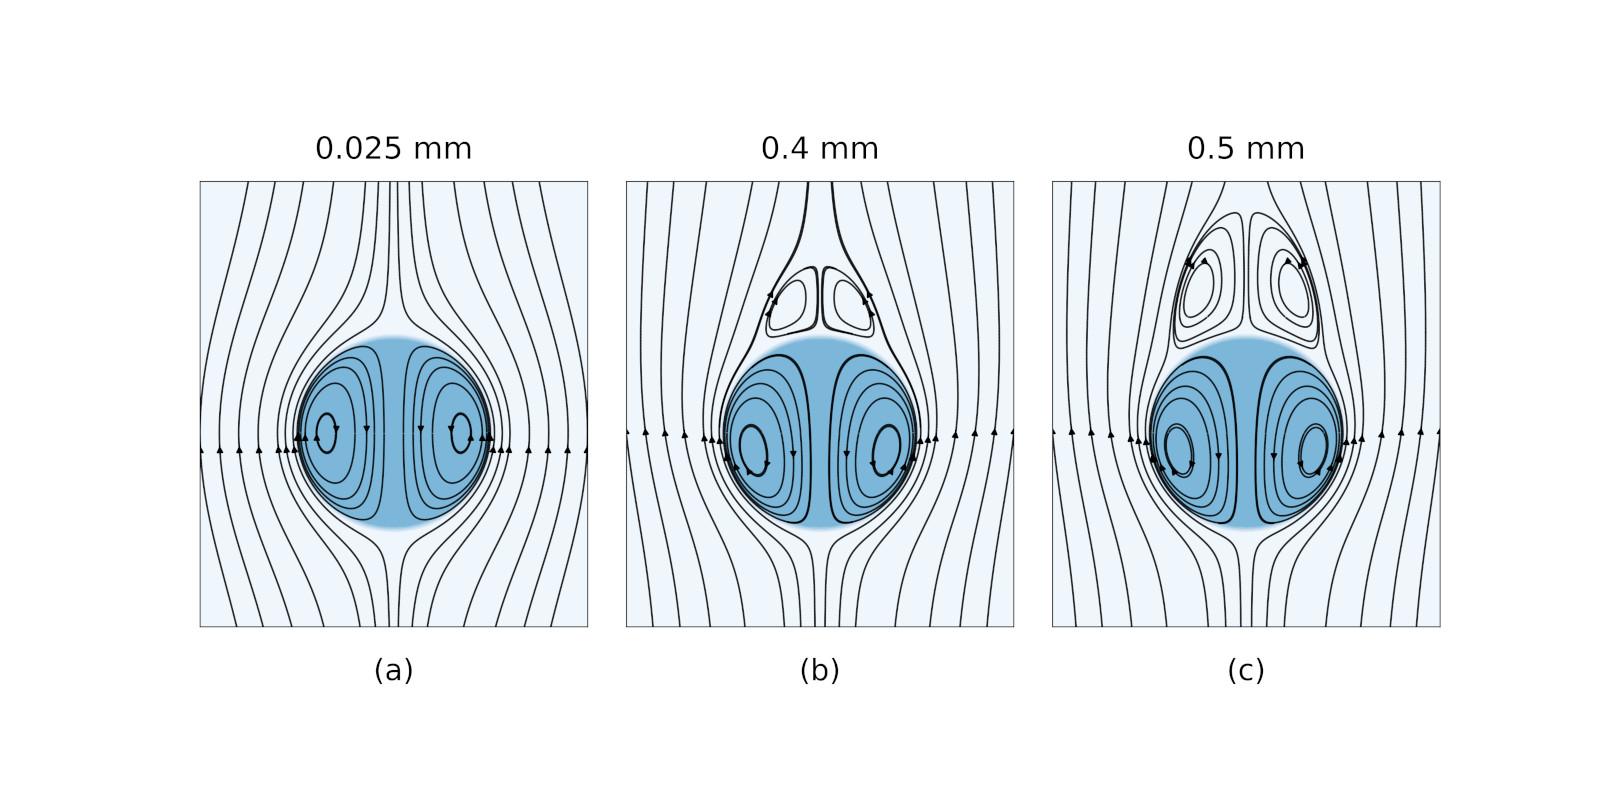 変形しながら落下する雨粒の数値シミュレーションが可能に